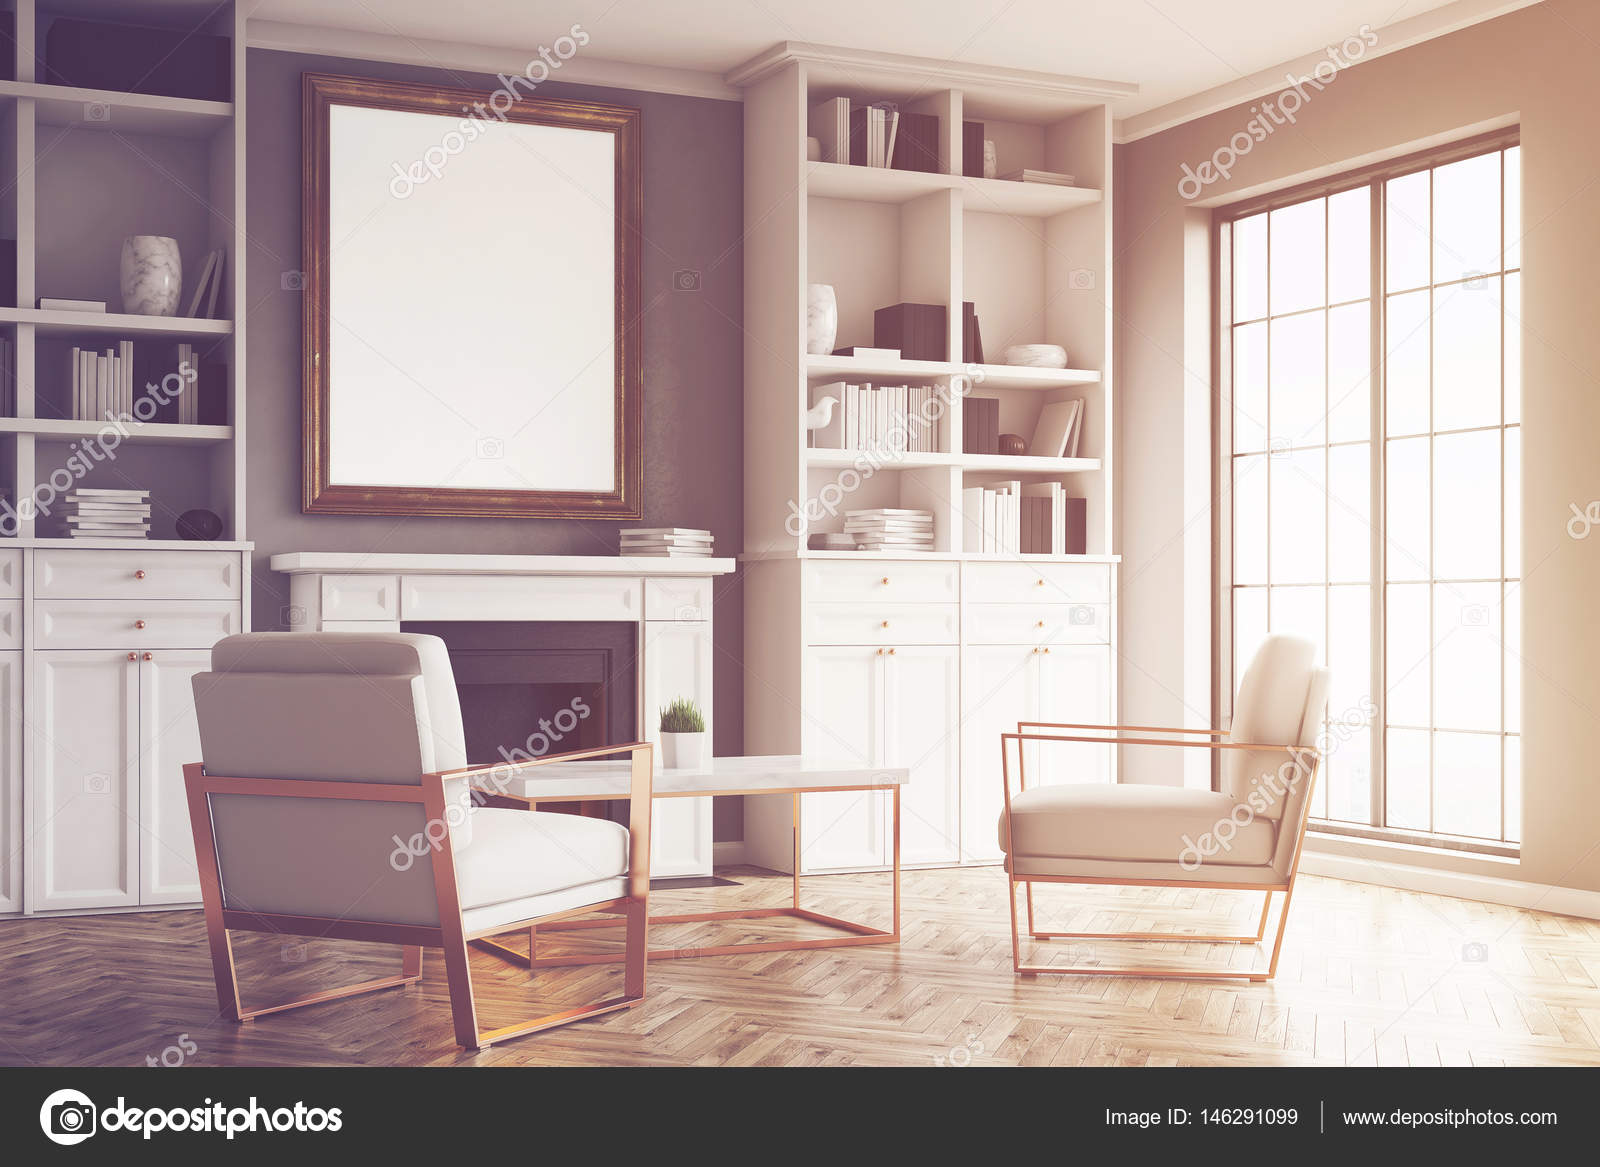 Woonkamer met grijze muren en een fauteuil, afgezwakt — Stockfoto ...